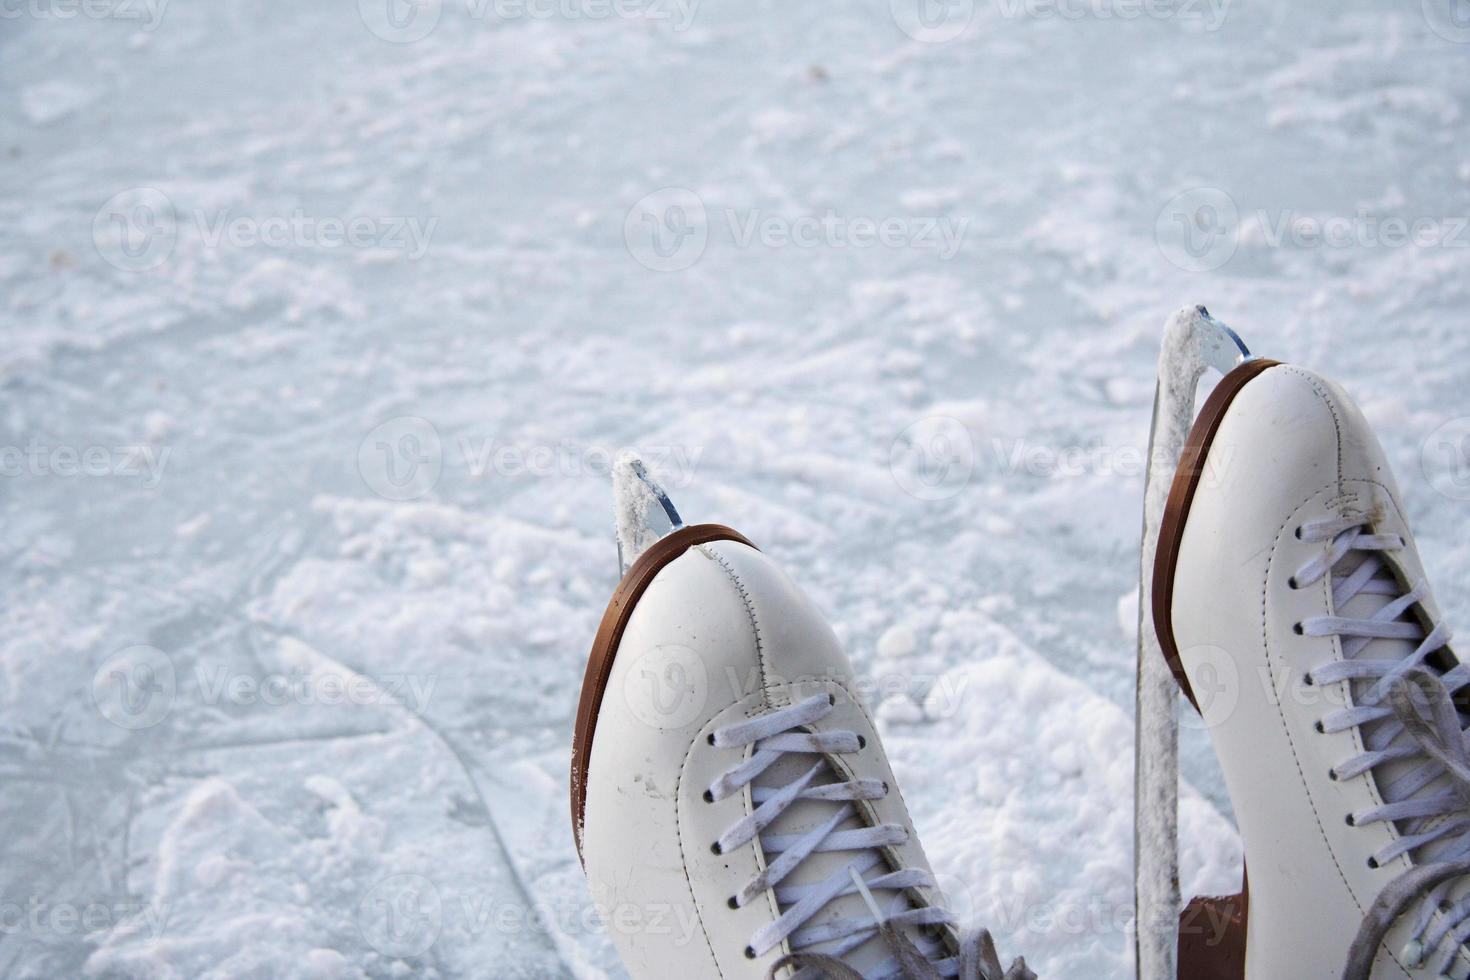 schaatsen buitenshuis foto